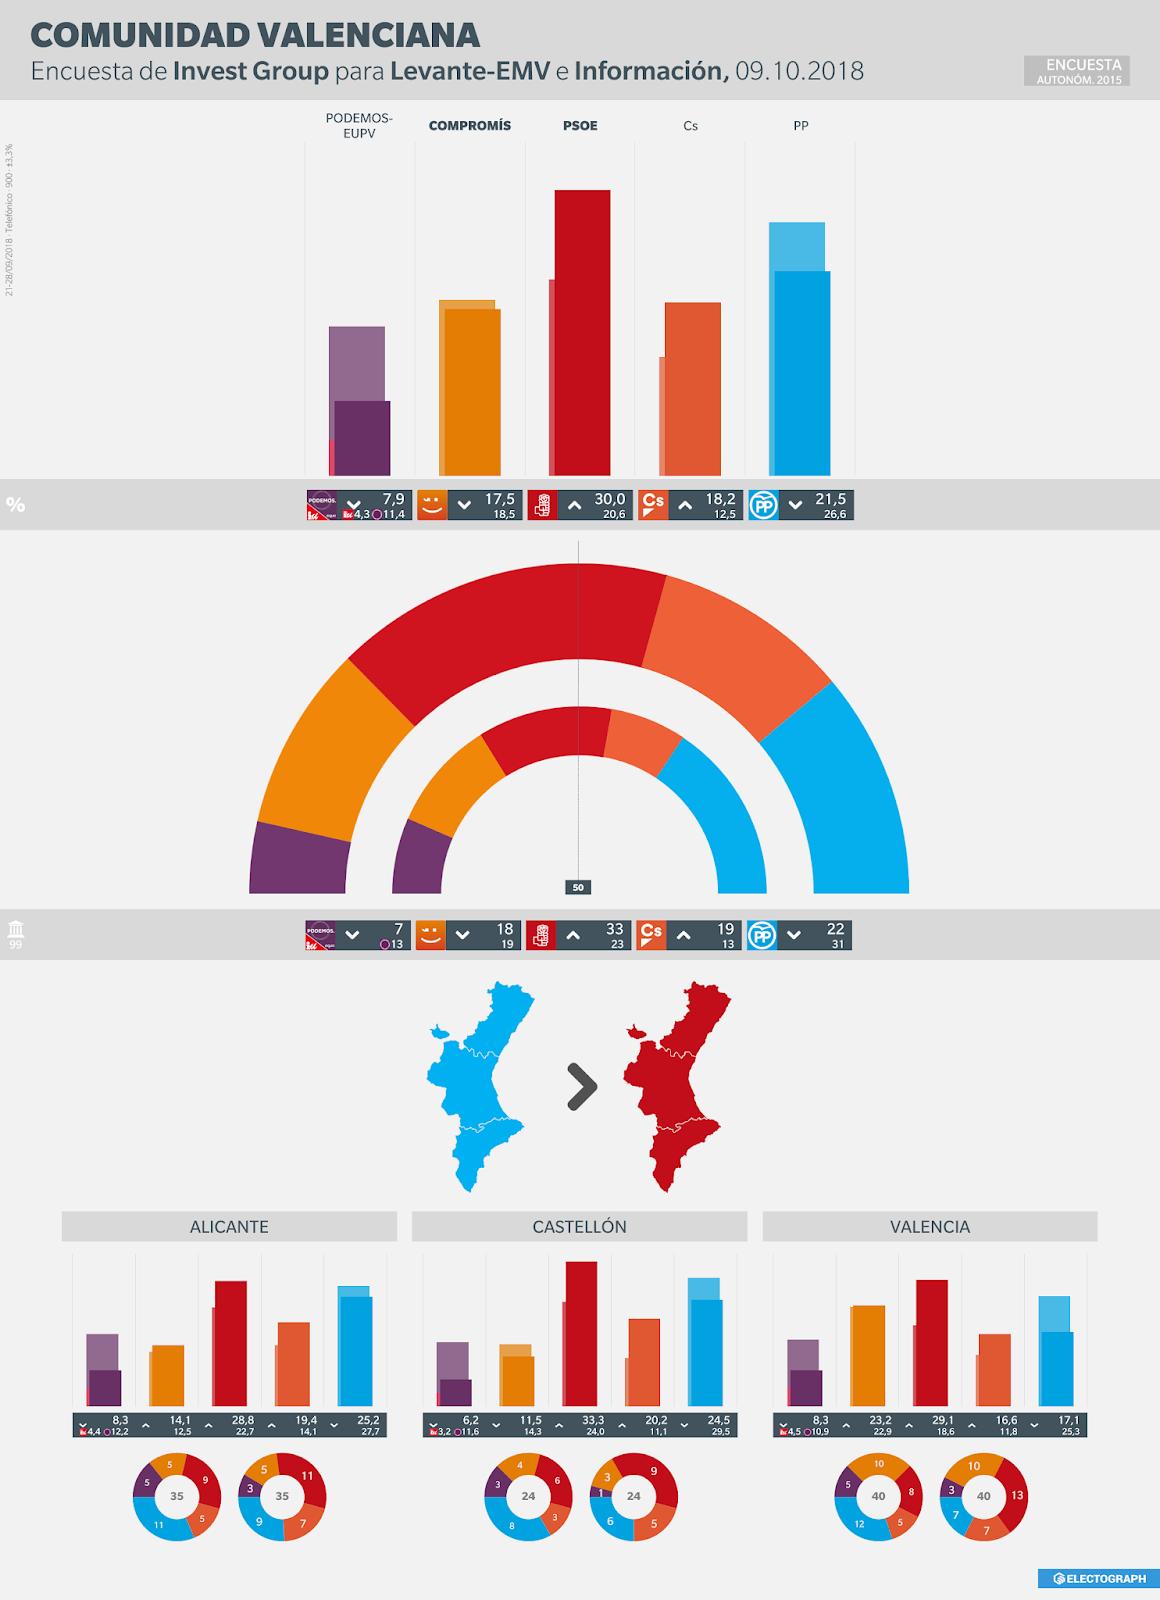 Gráfico de la encuesta para elecciones autonómicas en la Comunidad Valenciana realizada por Invest Group para Levante-EMV e Información en octubre de 2018